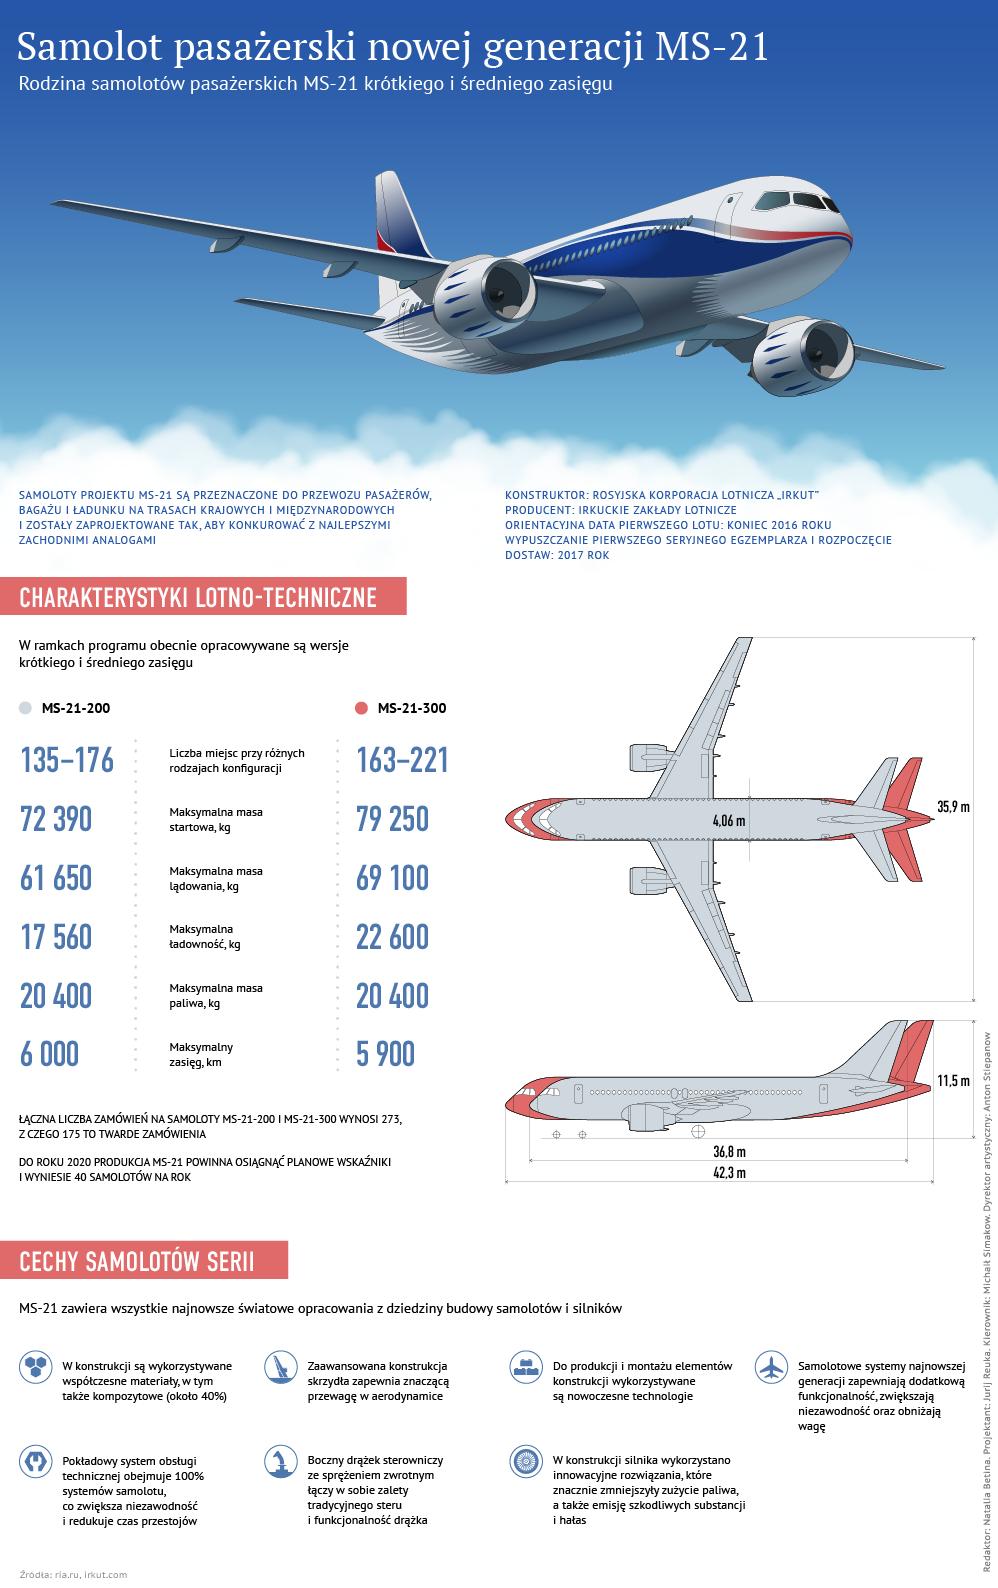 Samolot pasażerski nowej generacji MS-21